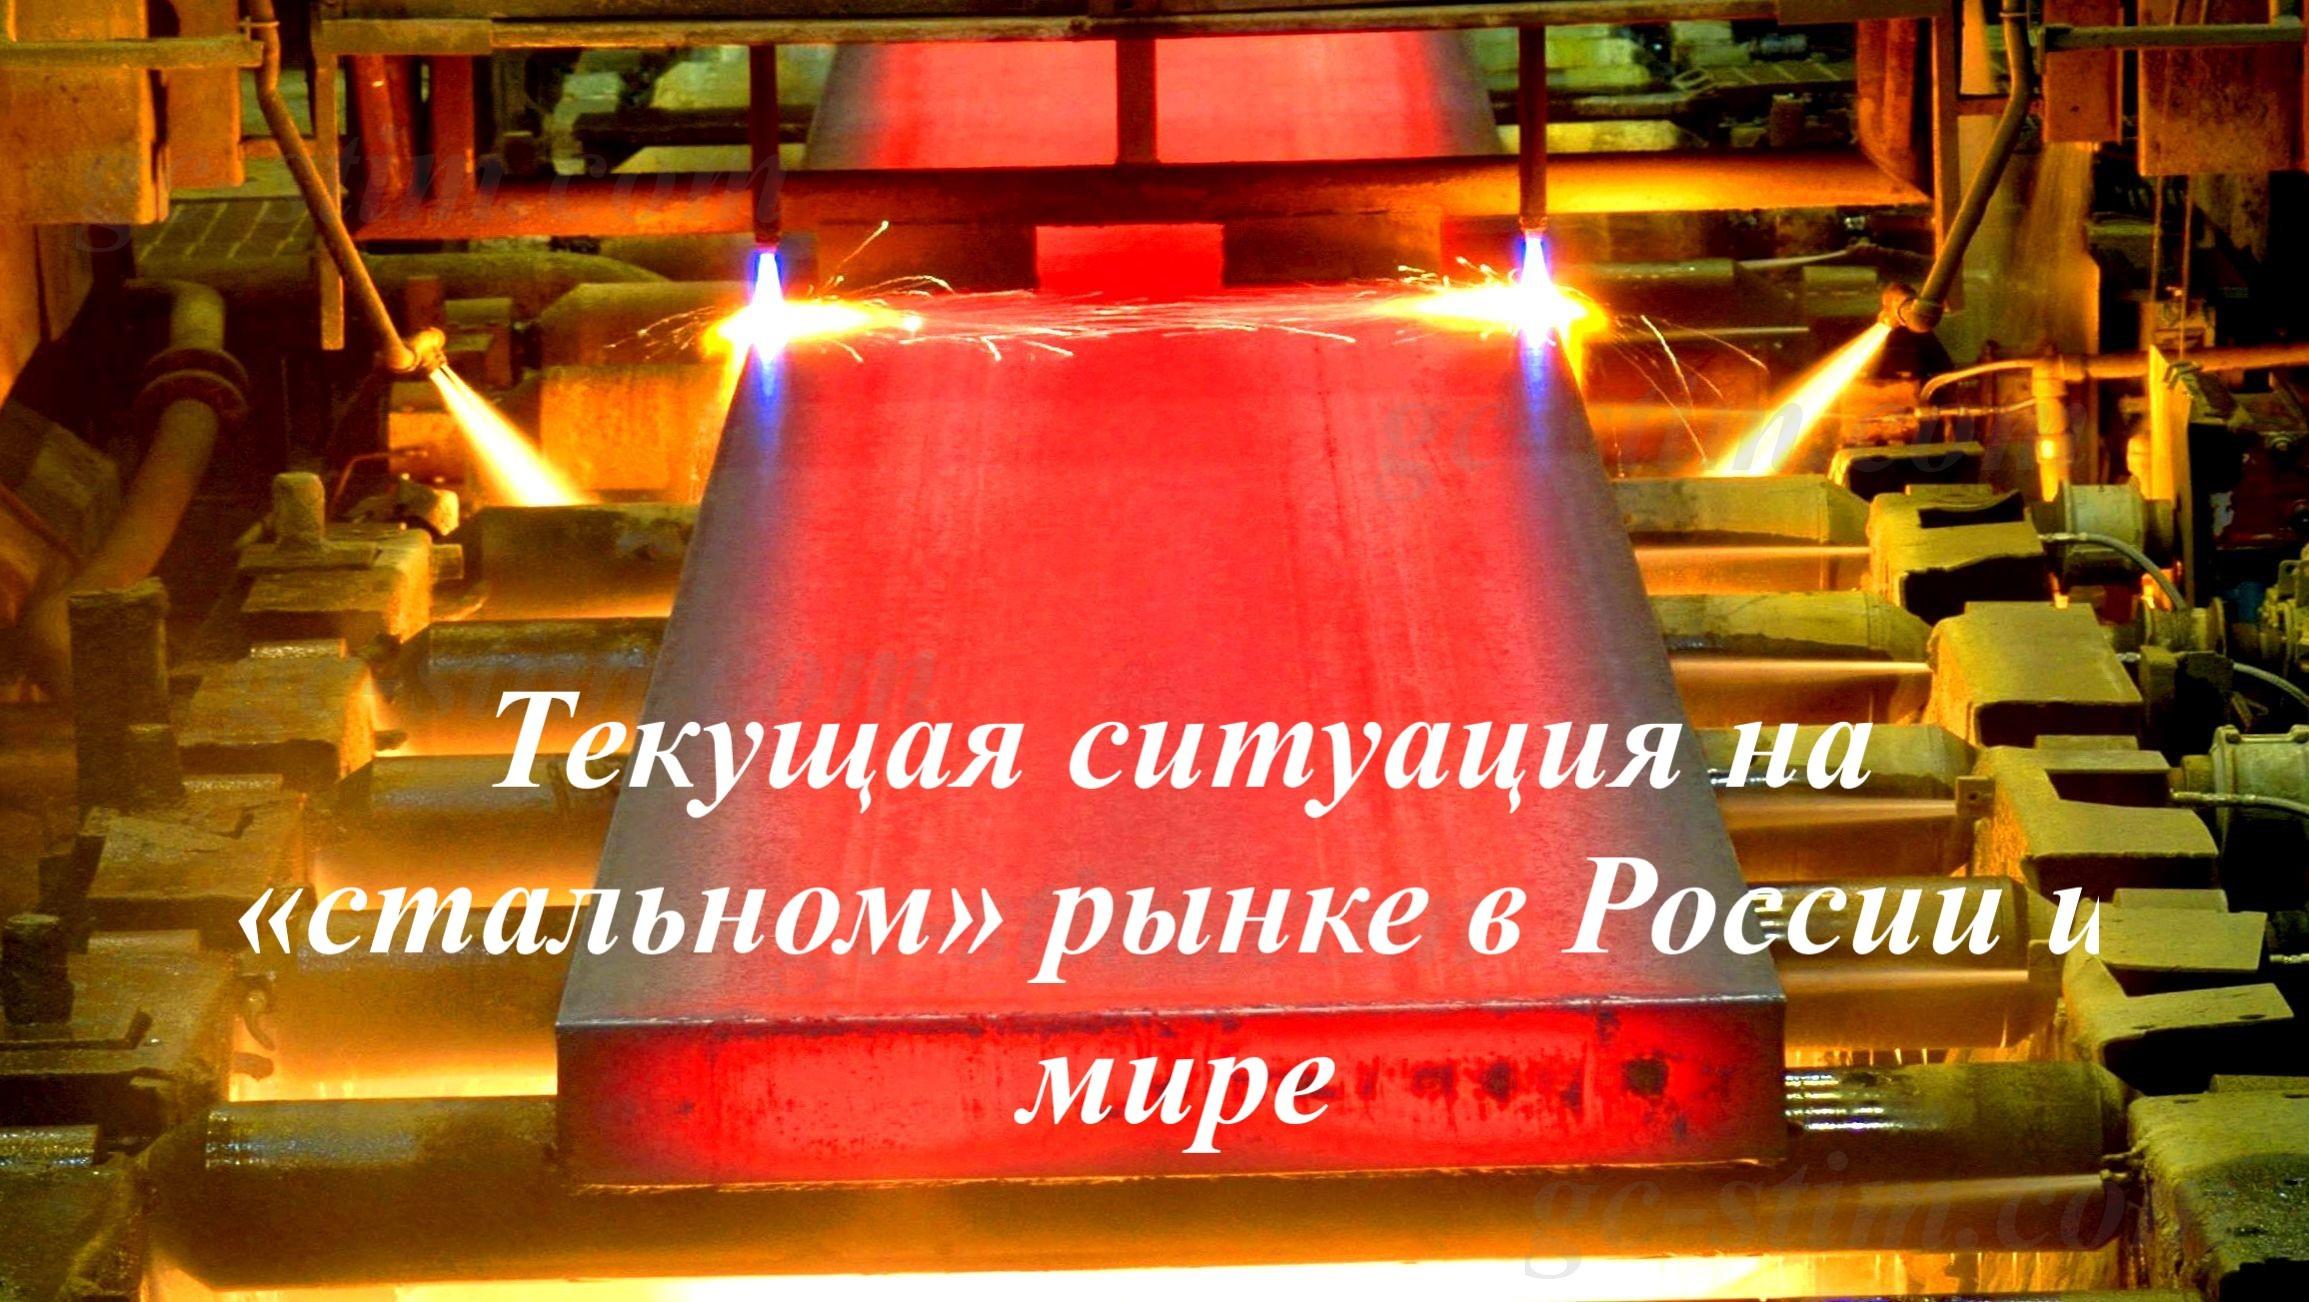 Текущая ситуация на «стальном» рынке в России и мире